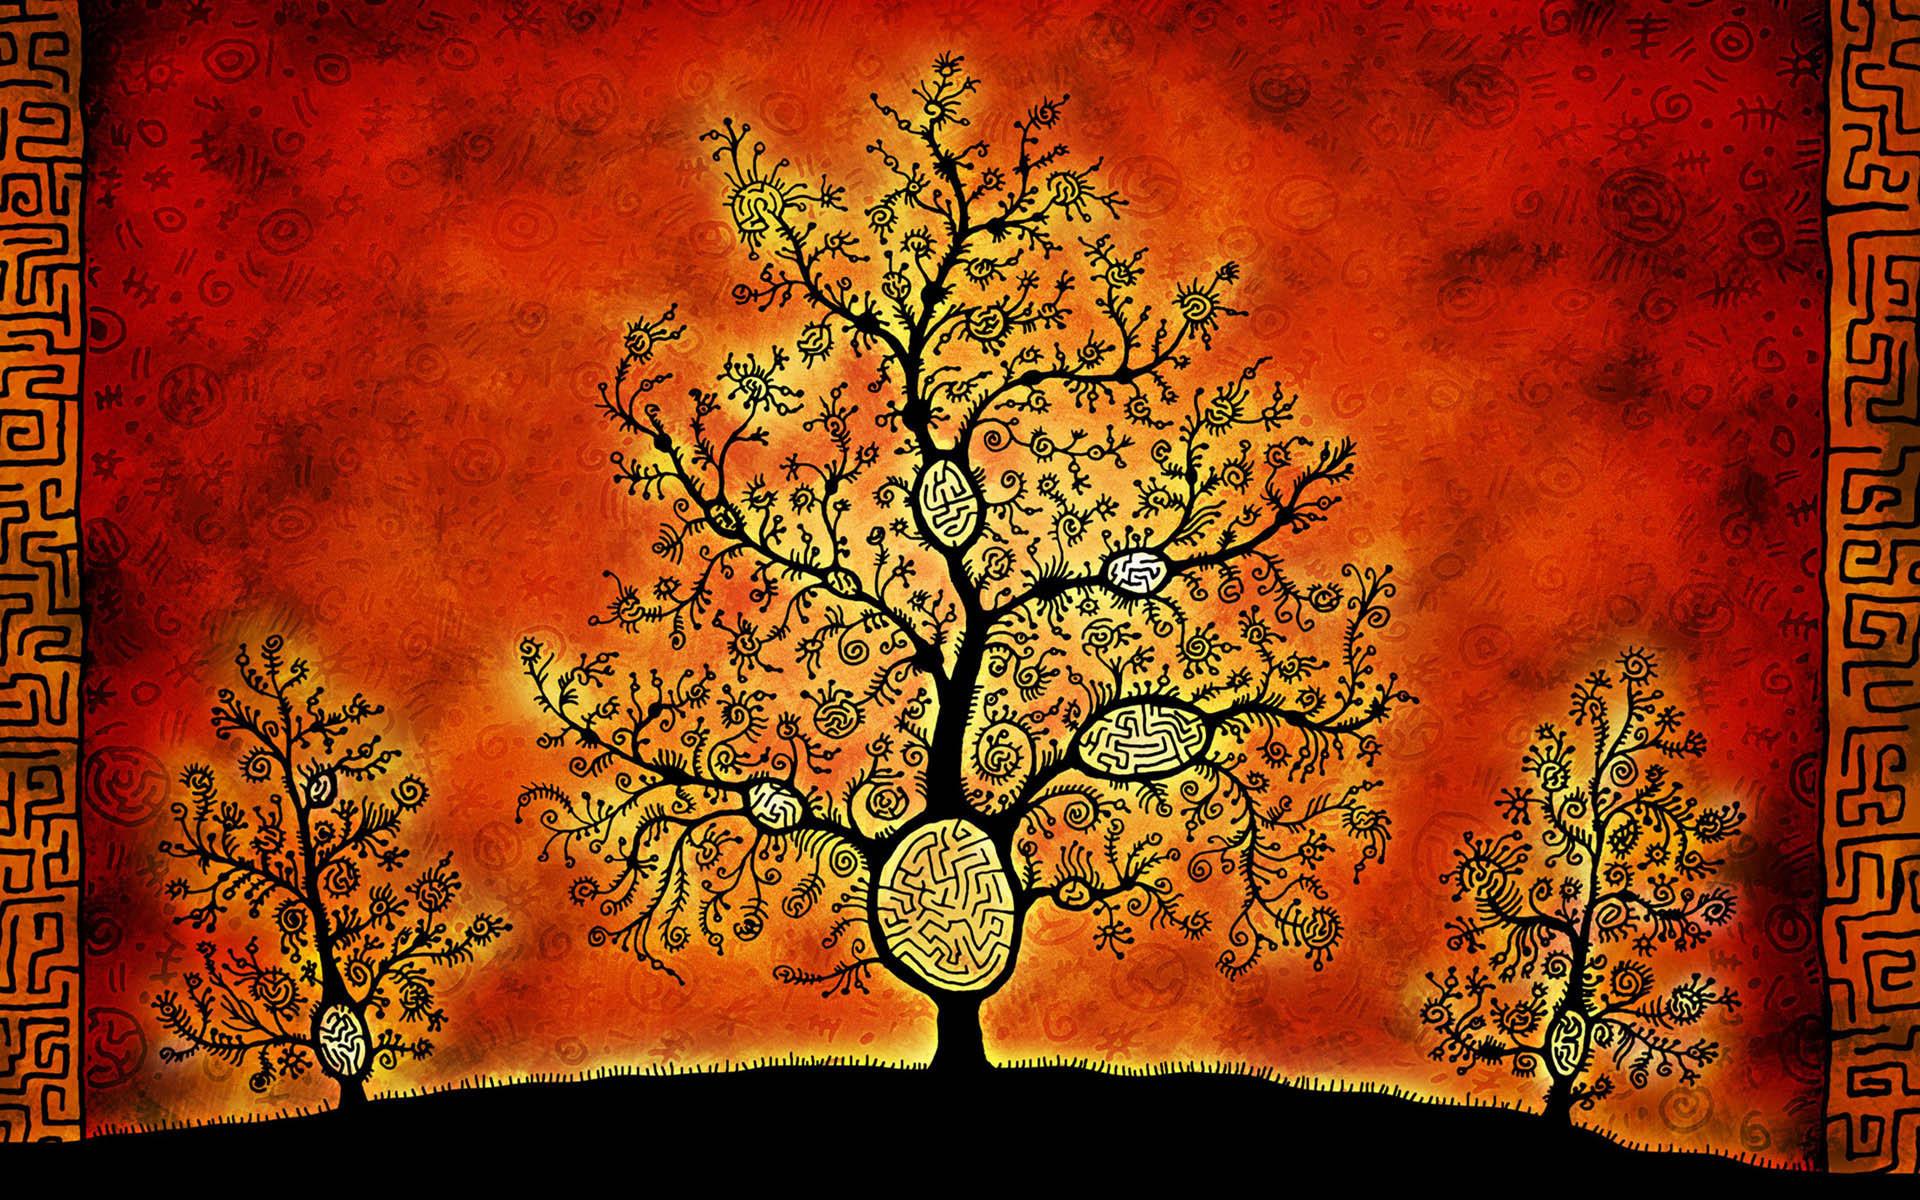 Картинки для дерева жизни